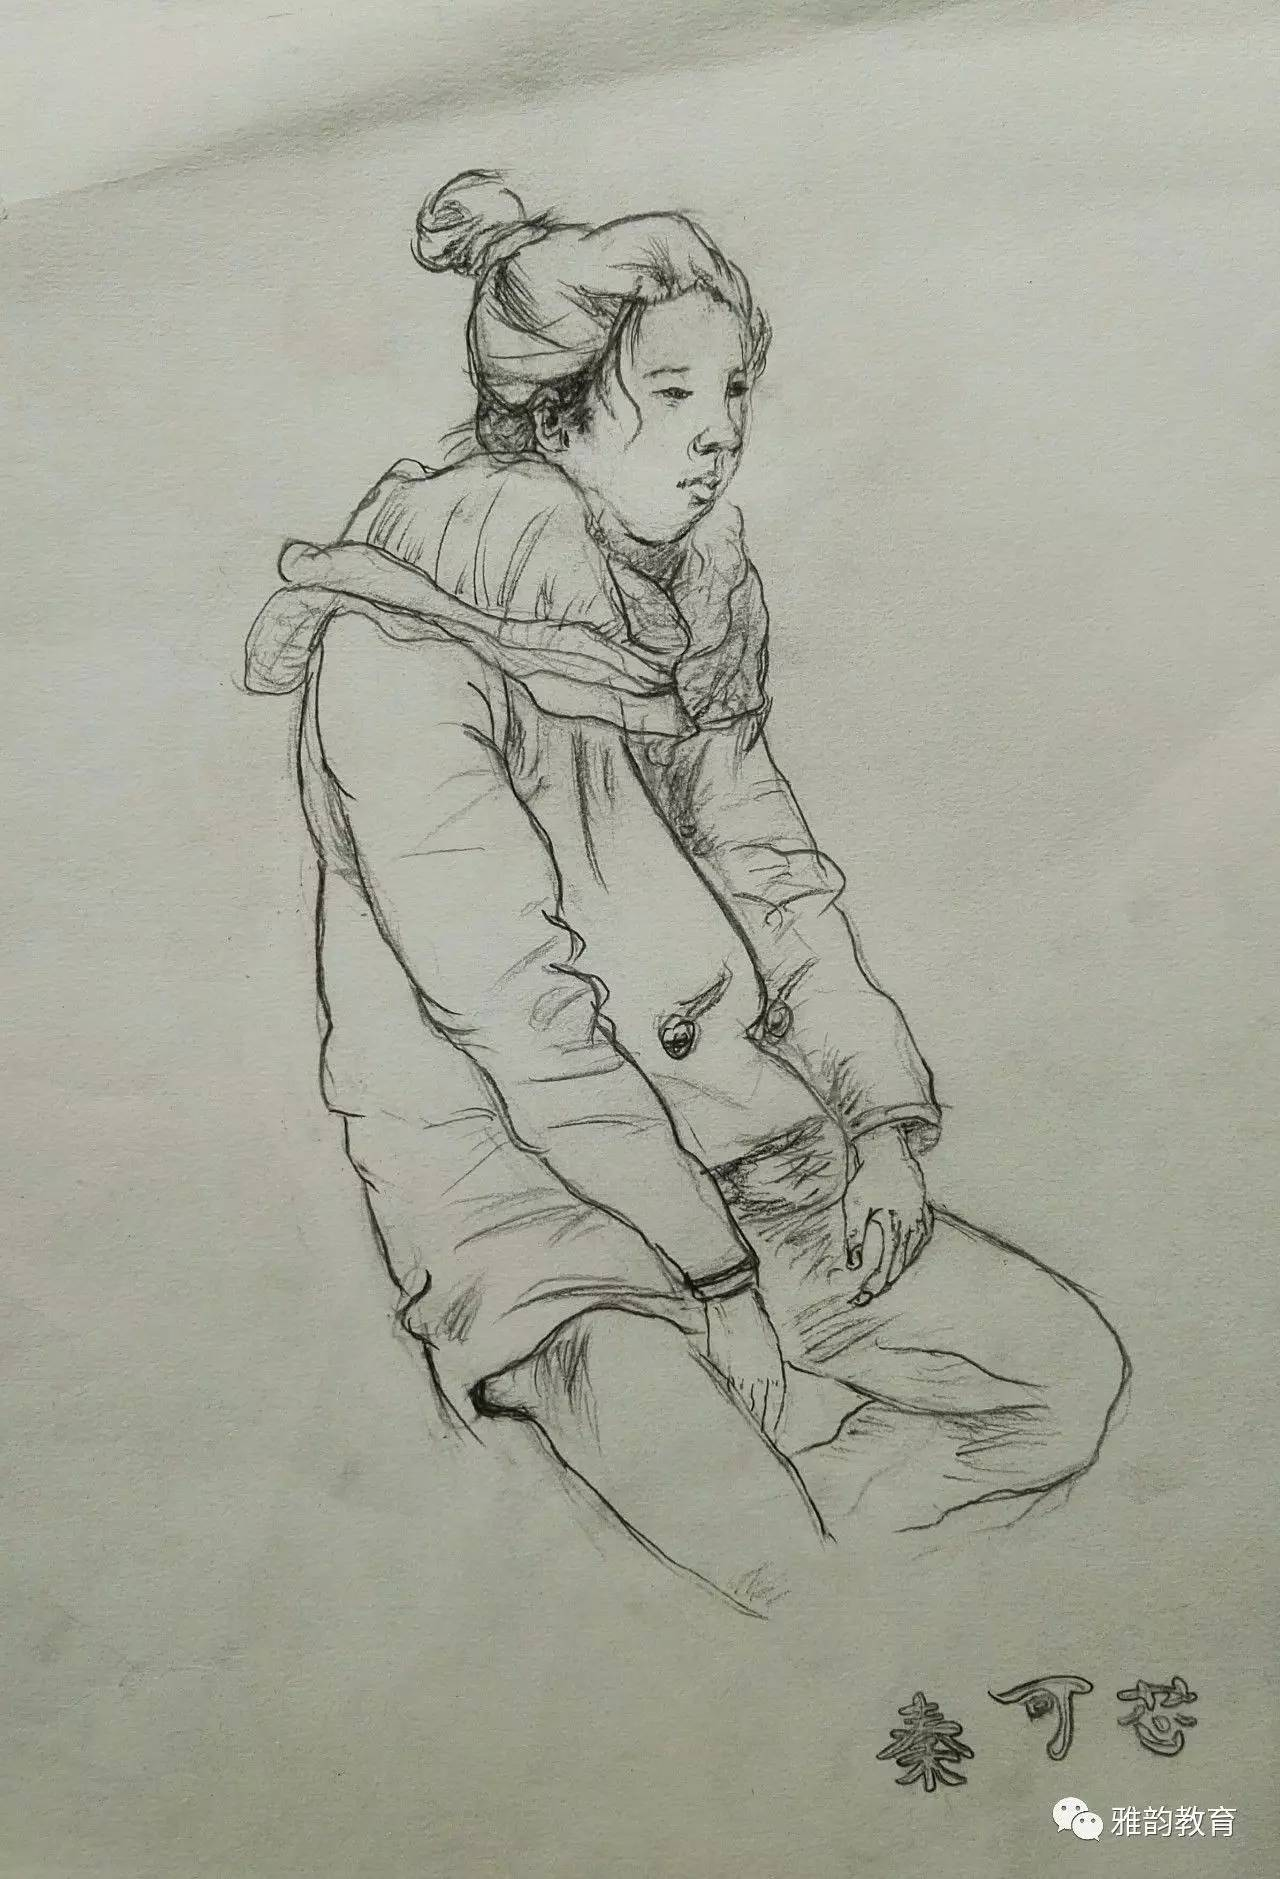 简笔画 手绘 素描 线稿 1280_1879 竖版 竖屏